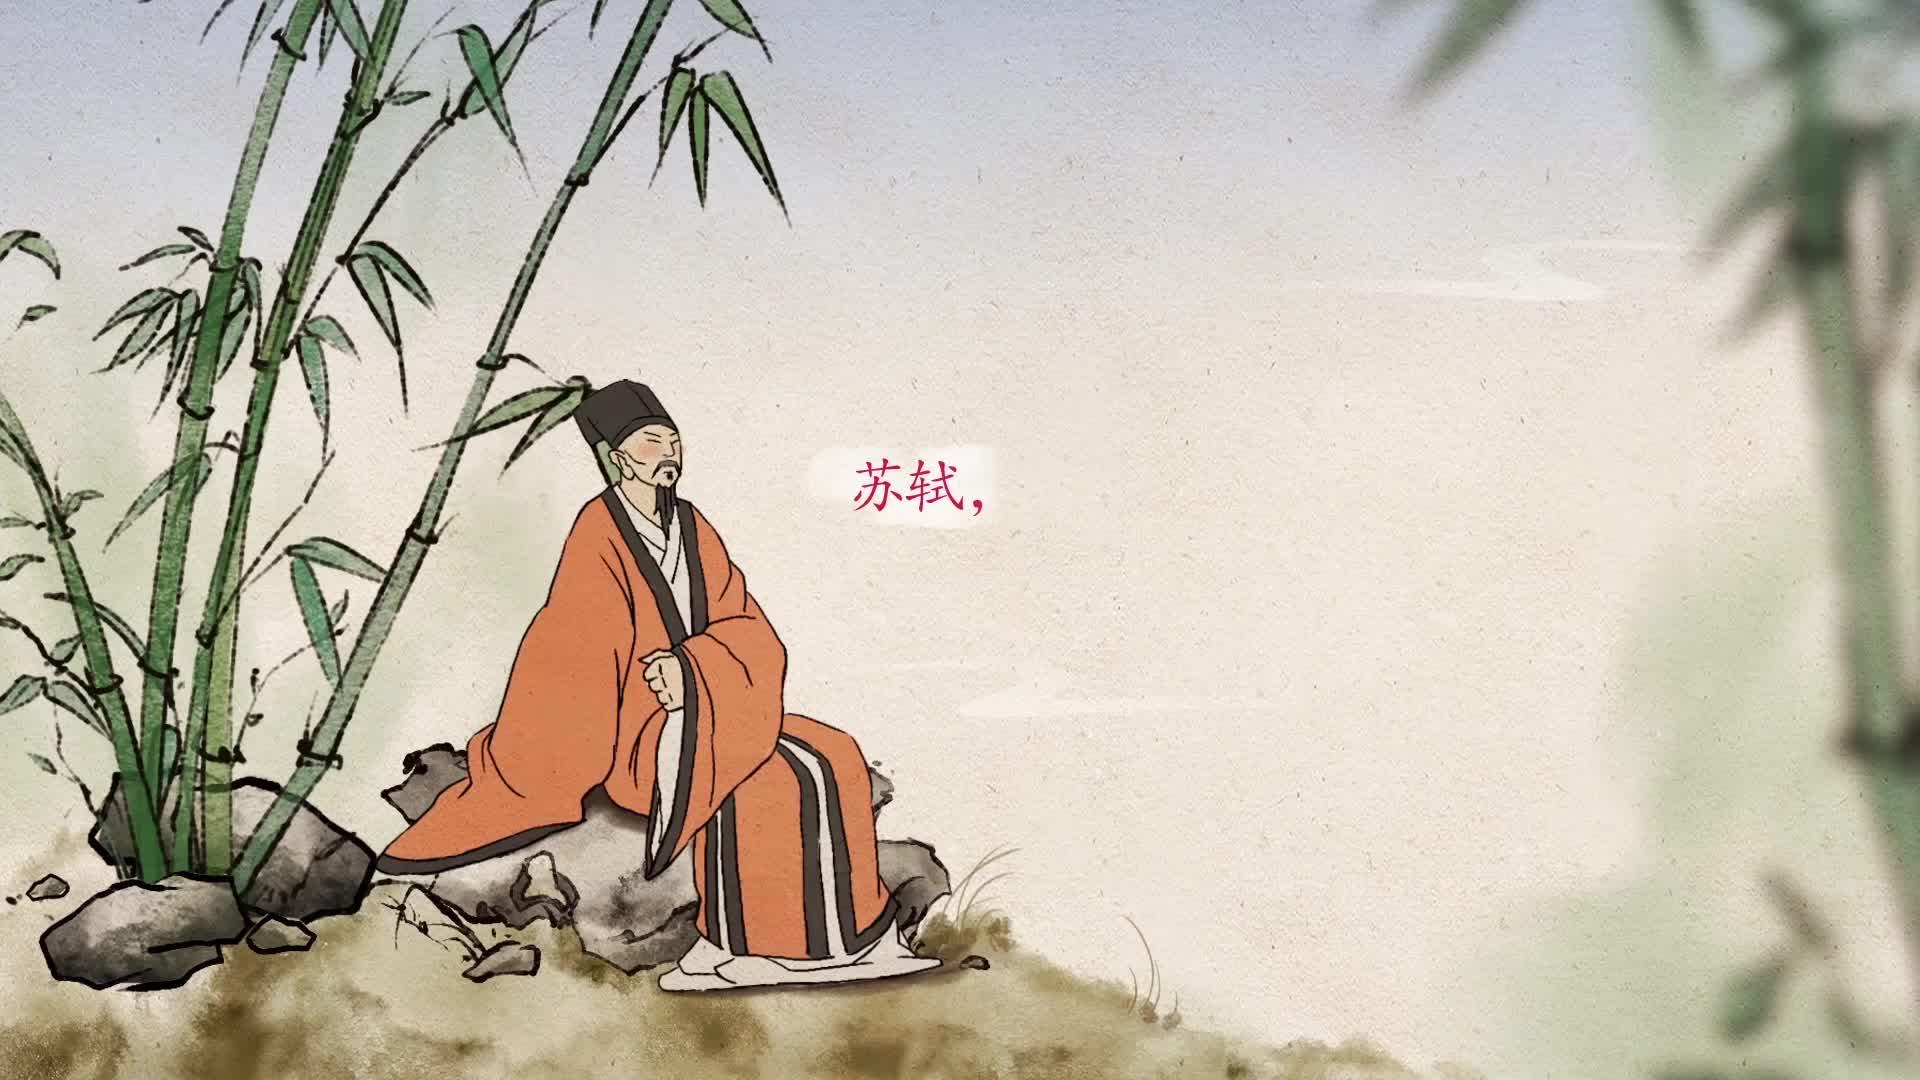 《小学古诗》88六月二十七日望湖楼醉书-宋 苏轼